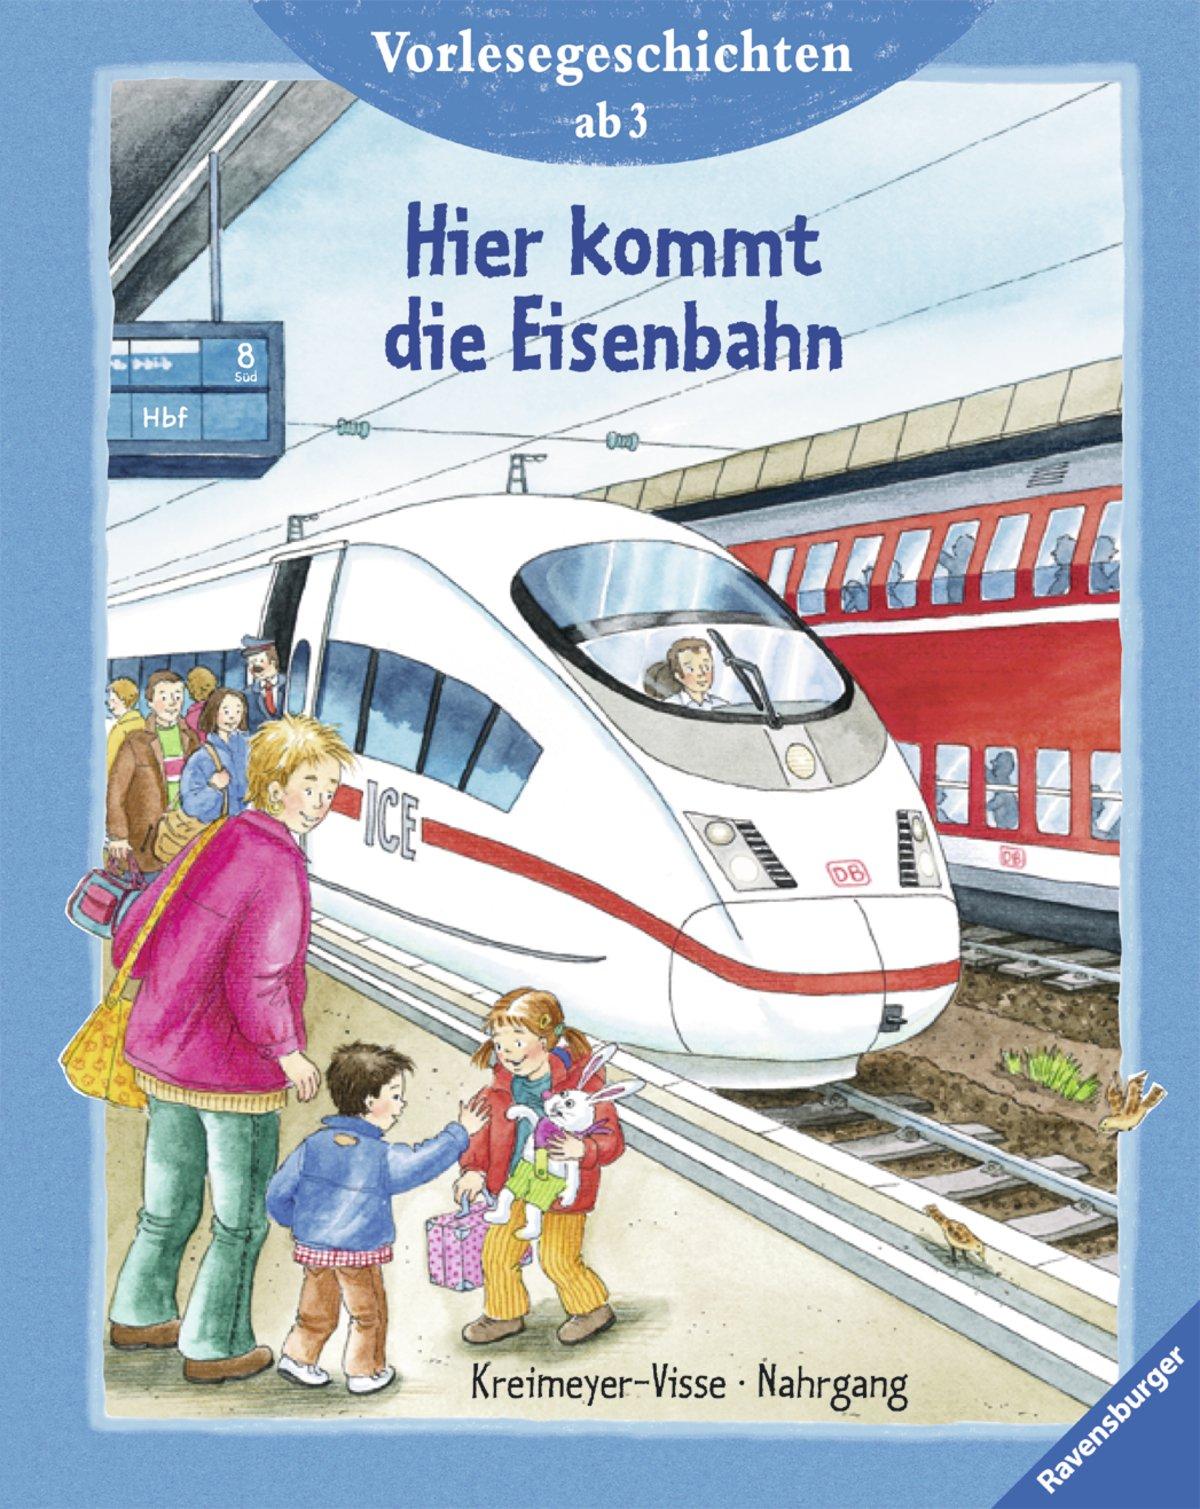 Hier kommt die Eisenbahn: Vorlesegeschichten ab 3 Jahren (Vorlesegeschichten ab 2, ab 3 und ab 4 Jahren)